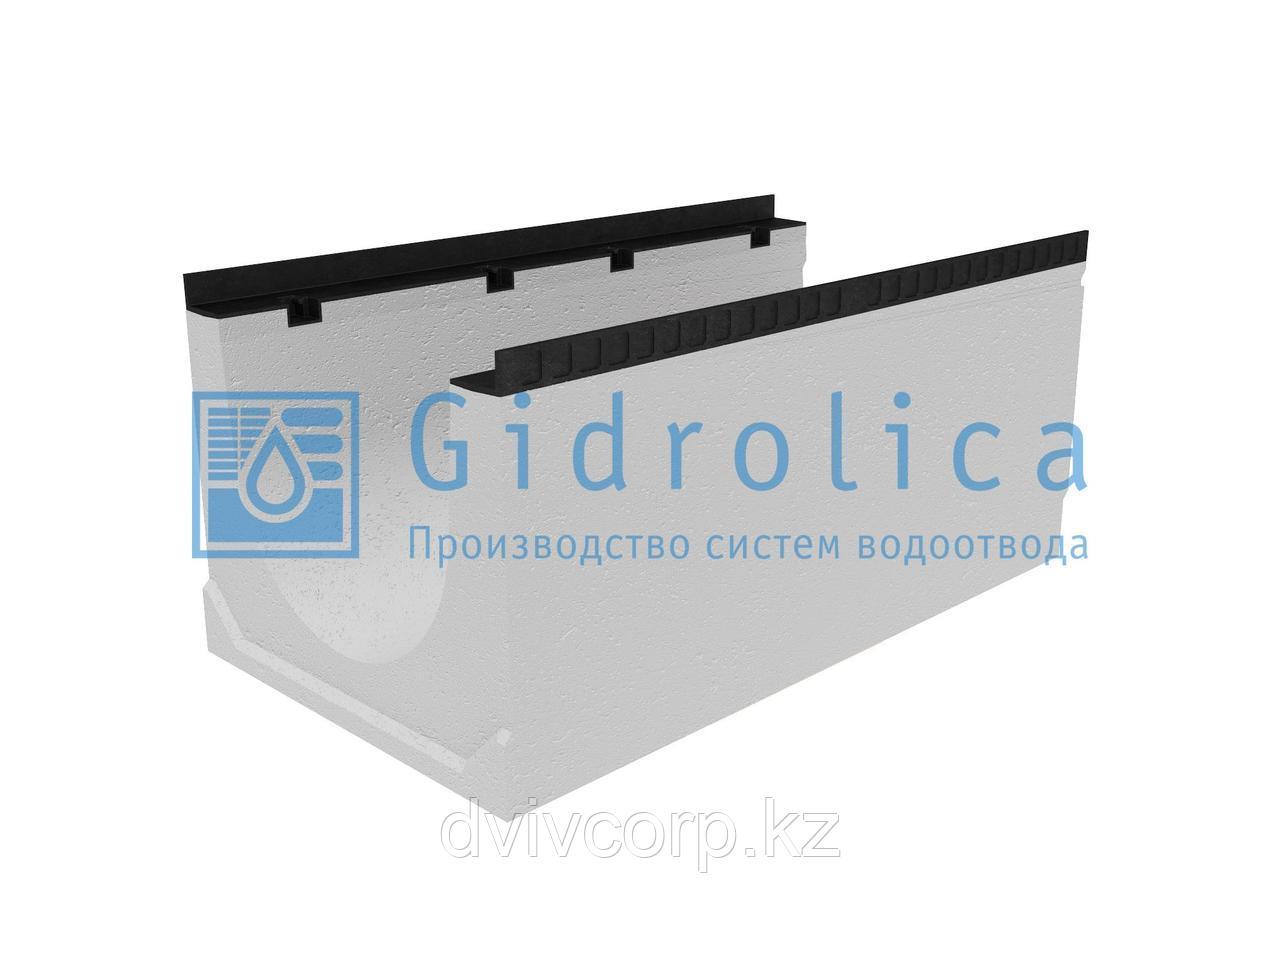 Лоток водоотводный бетонный коробчатый (СО-400мм), с уклоном 0,5%  КUу 100.54(40).46(38) - BGМ, № 2